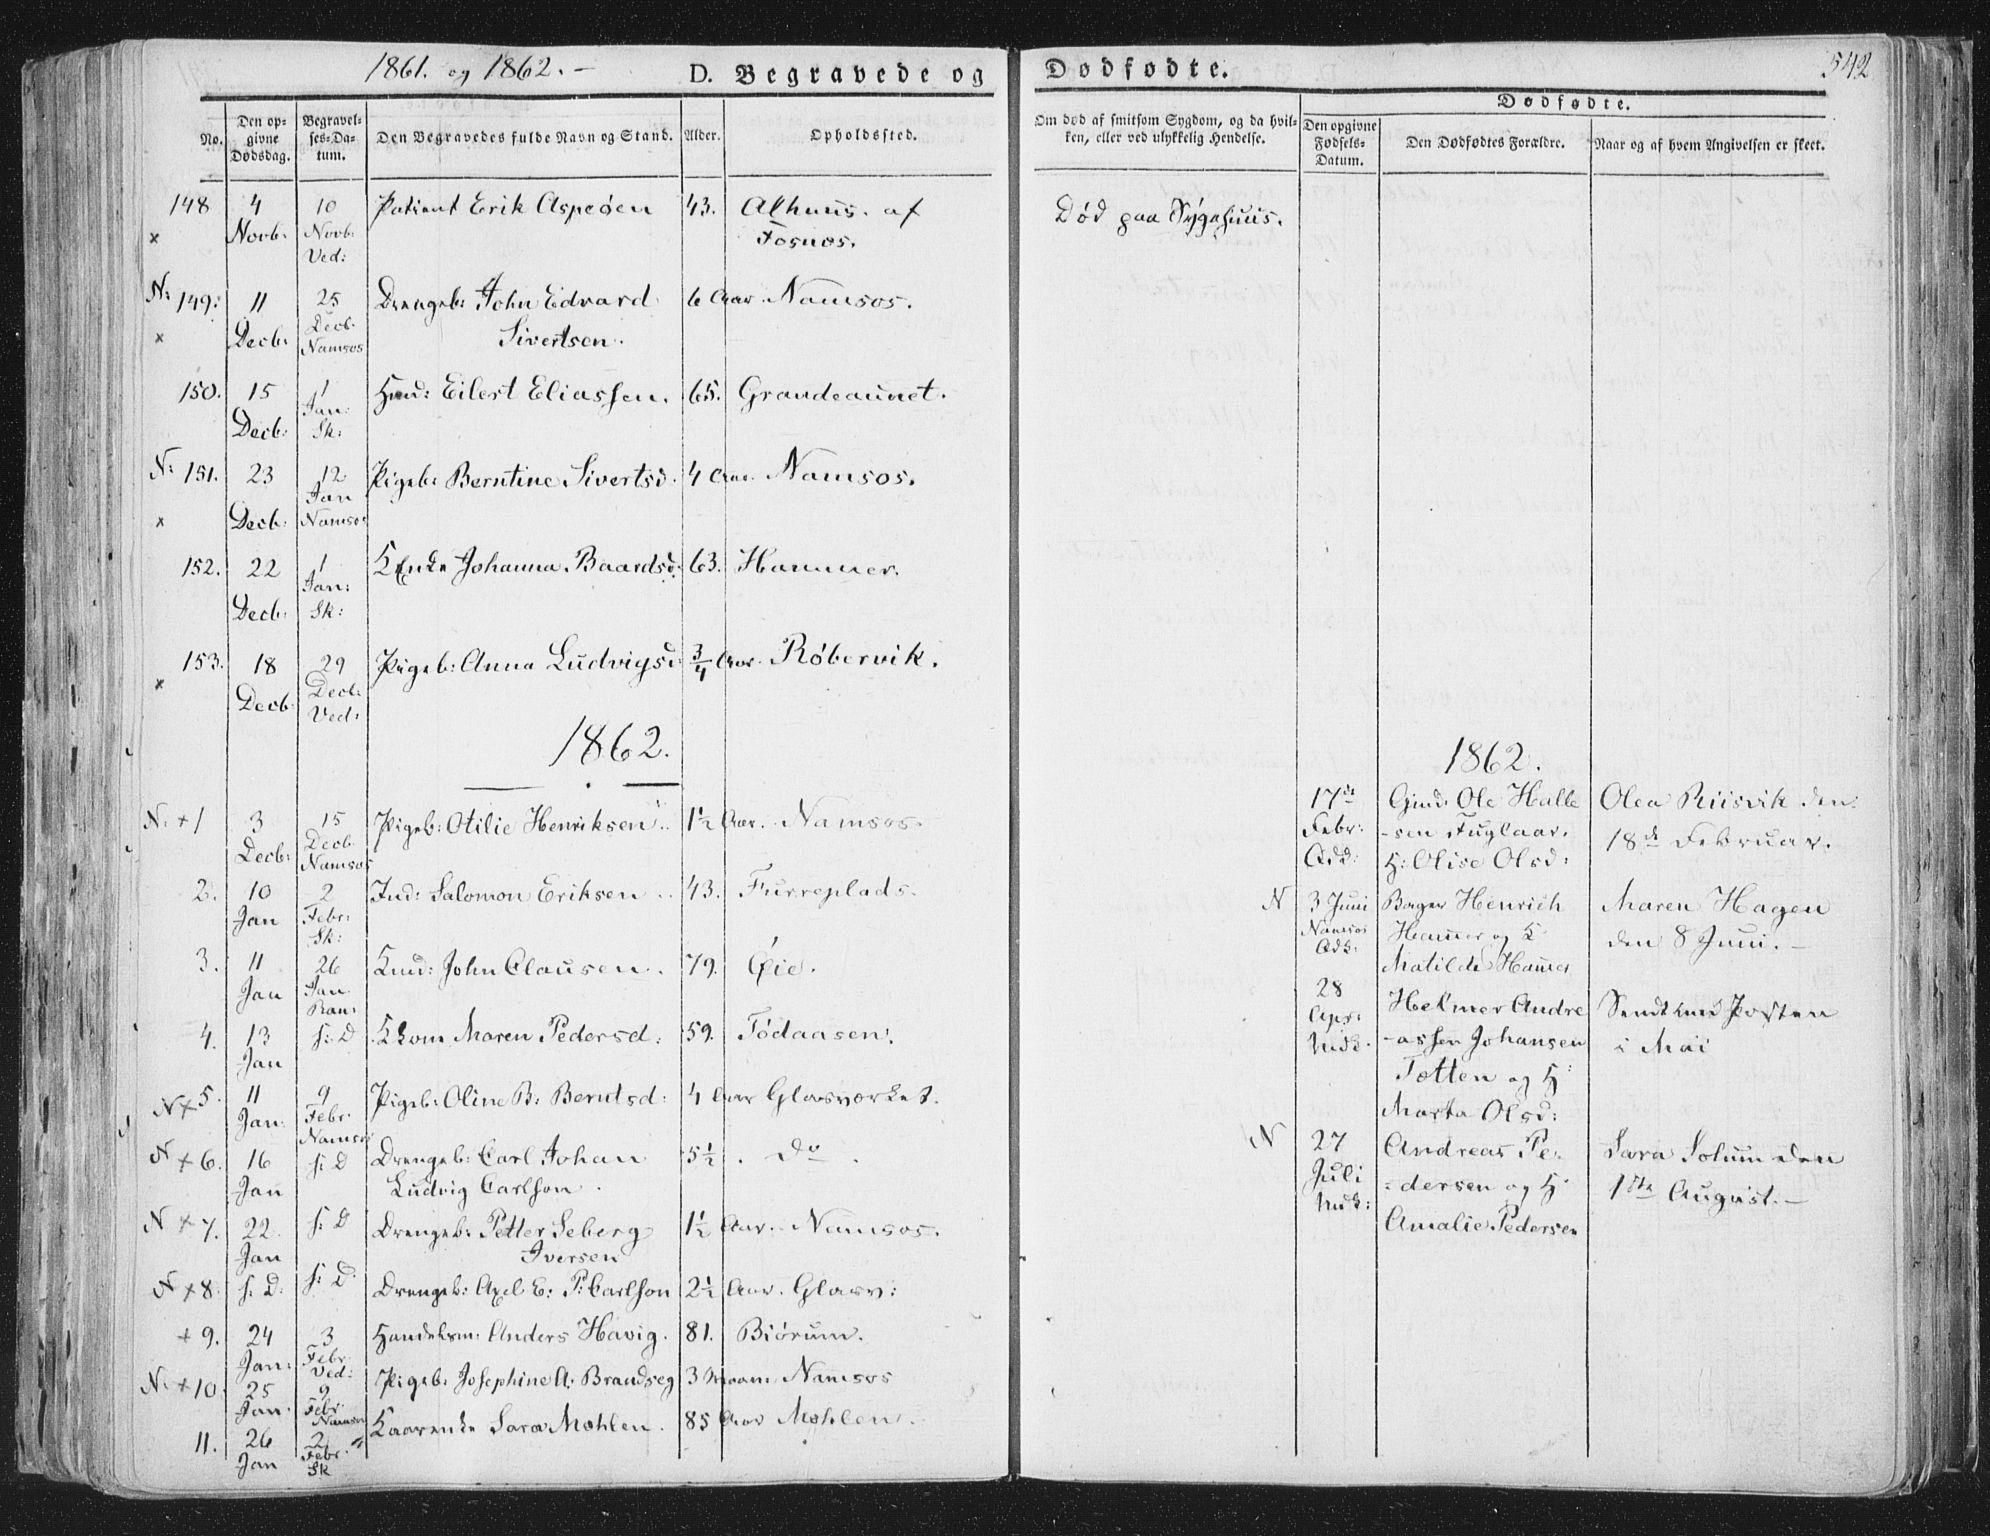 SAT, Ministerialprotokoller, klokkerbøker og fødselsregistre - Nord-Trøndelag, 764/L0552: Ministerialbok nr. 764A07b, 1824-1865, s. 542